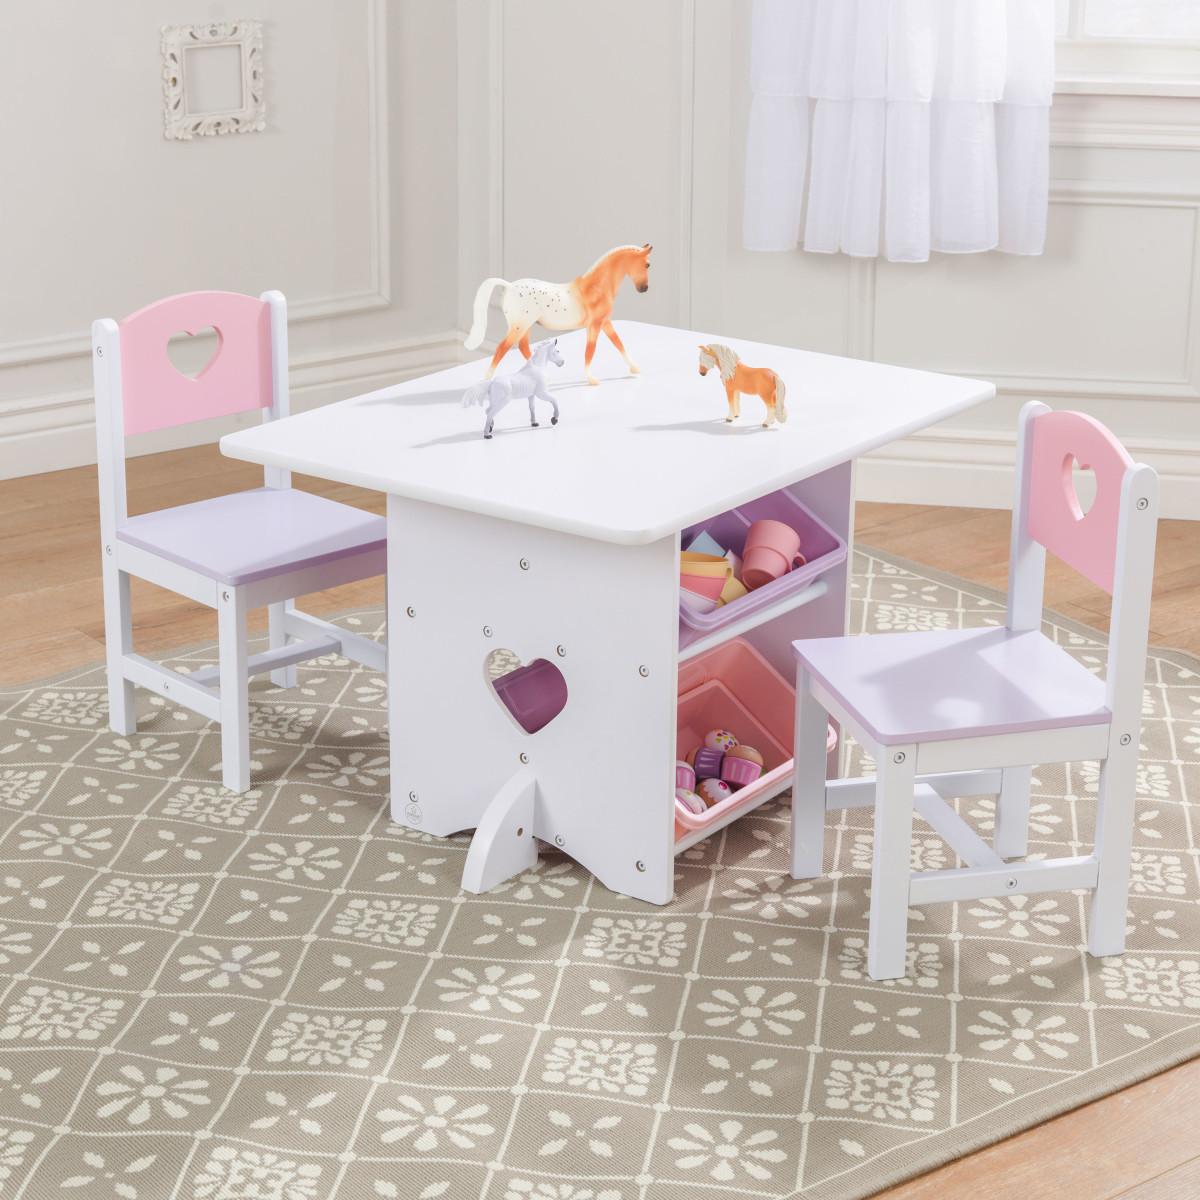 KidKraft Ensemble Table Et Chaises Avec Motif Coeur 26913